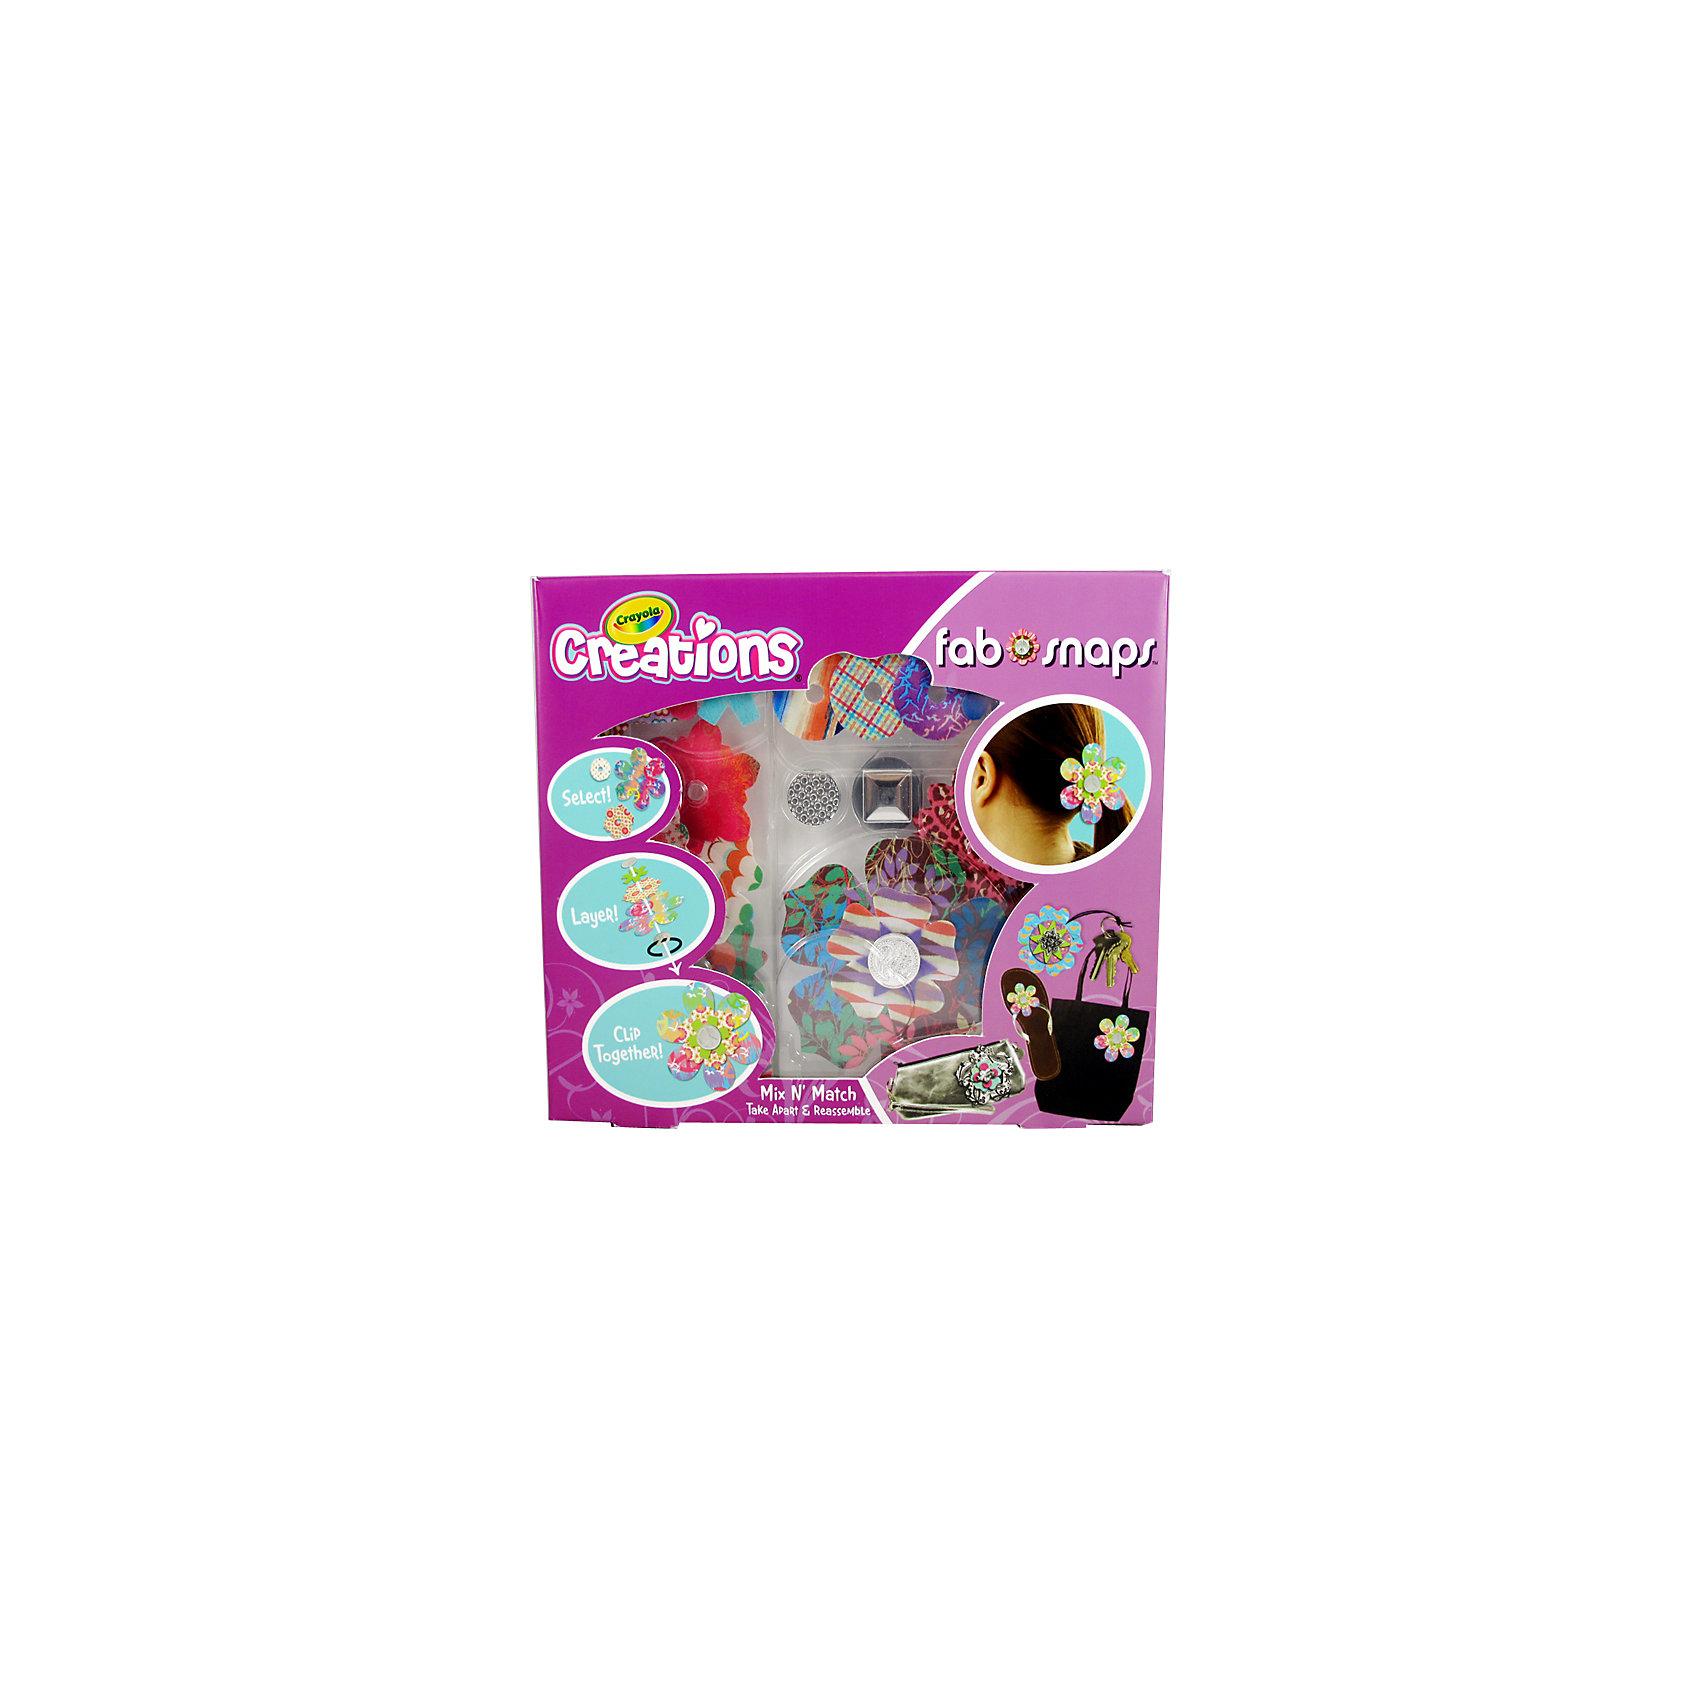 Набор модных аксессуаров, CrayolaНаборы для создания украшений<br>Набор модных аксессуаров, Crayola.<br><br>Размер упаковки: 19х23х4 см.  <br>С помощью набора модных аксессуаров от Crayola Ваш ребенок сможет создать для себя массу оригинальных и необычных украшений ручной работы.  <br>Заготовки из ткани разных форм, цветов и размеров, а также различные крепежи позволят создать удивительные аксессуары для сумок, одежды или даже волос.  <br>В наборе: 40 заготовок (20 больших, 10 средних и 5 маленьких), 2 универсальных крепежа, 3 крепежа в форме пуговиц и 3 многофункциональных крепежа.  <br>Набор рекомендуется для детей от 4-х лет.<br><br>Станет прекрасным подарком любому малышу!<br>Можно легко приобрести в нашем интернет магазине<br><br>Ширина мм: 230<br>Глубина мм: 40<br>Высота мм: 190<br>Вес г: 120<br>Возраст от месяцев: 48<br>Возраст до месяцев: 84<br>Пол: Унисекс<br>Возраст: Детский<br>SKU: 3371790